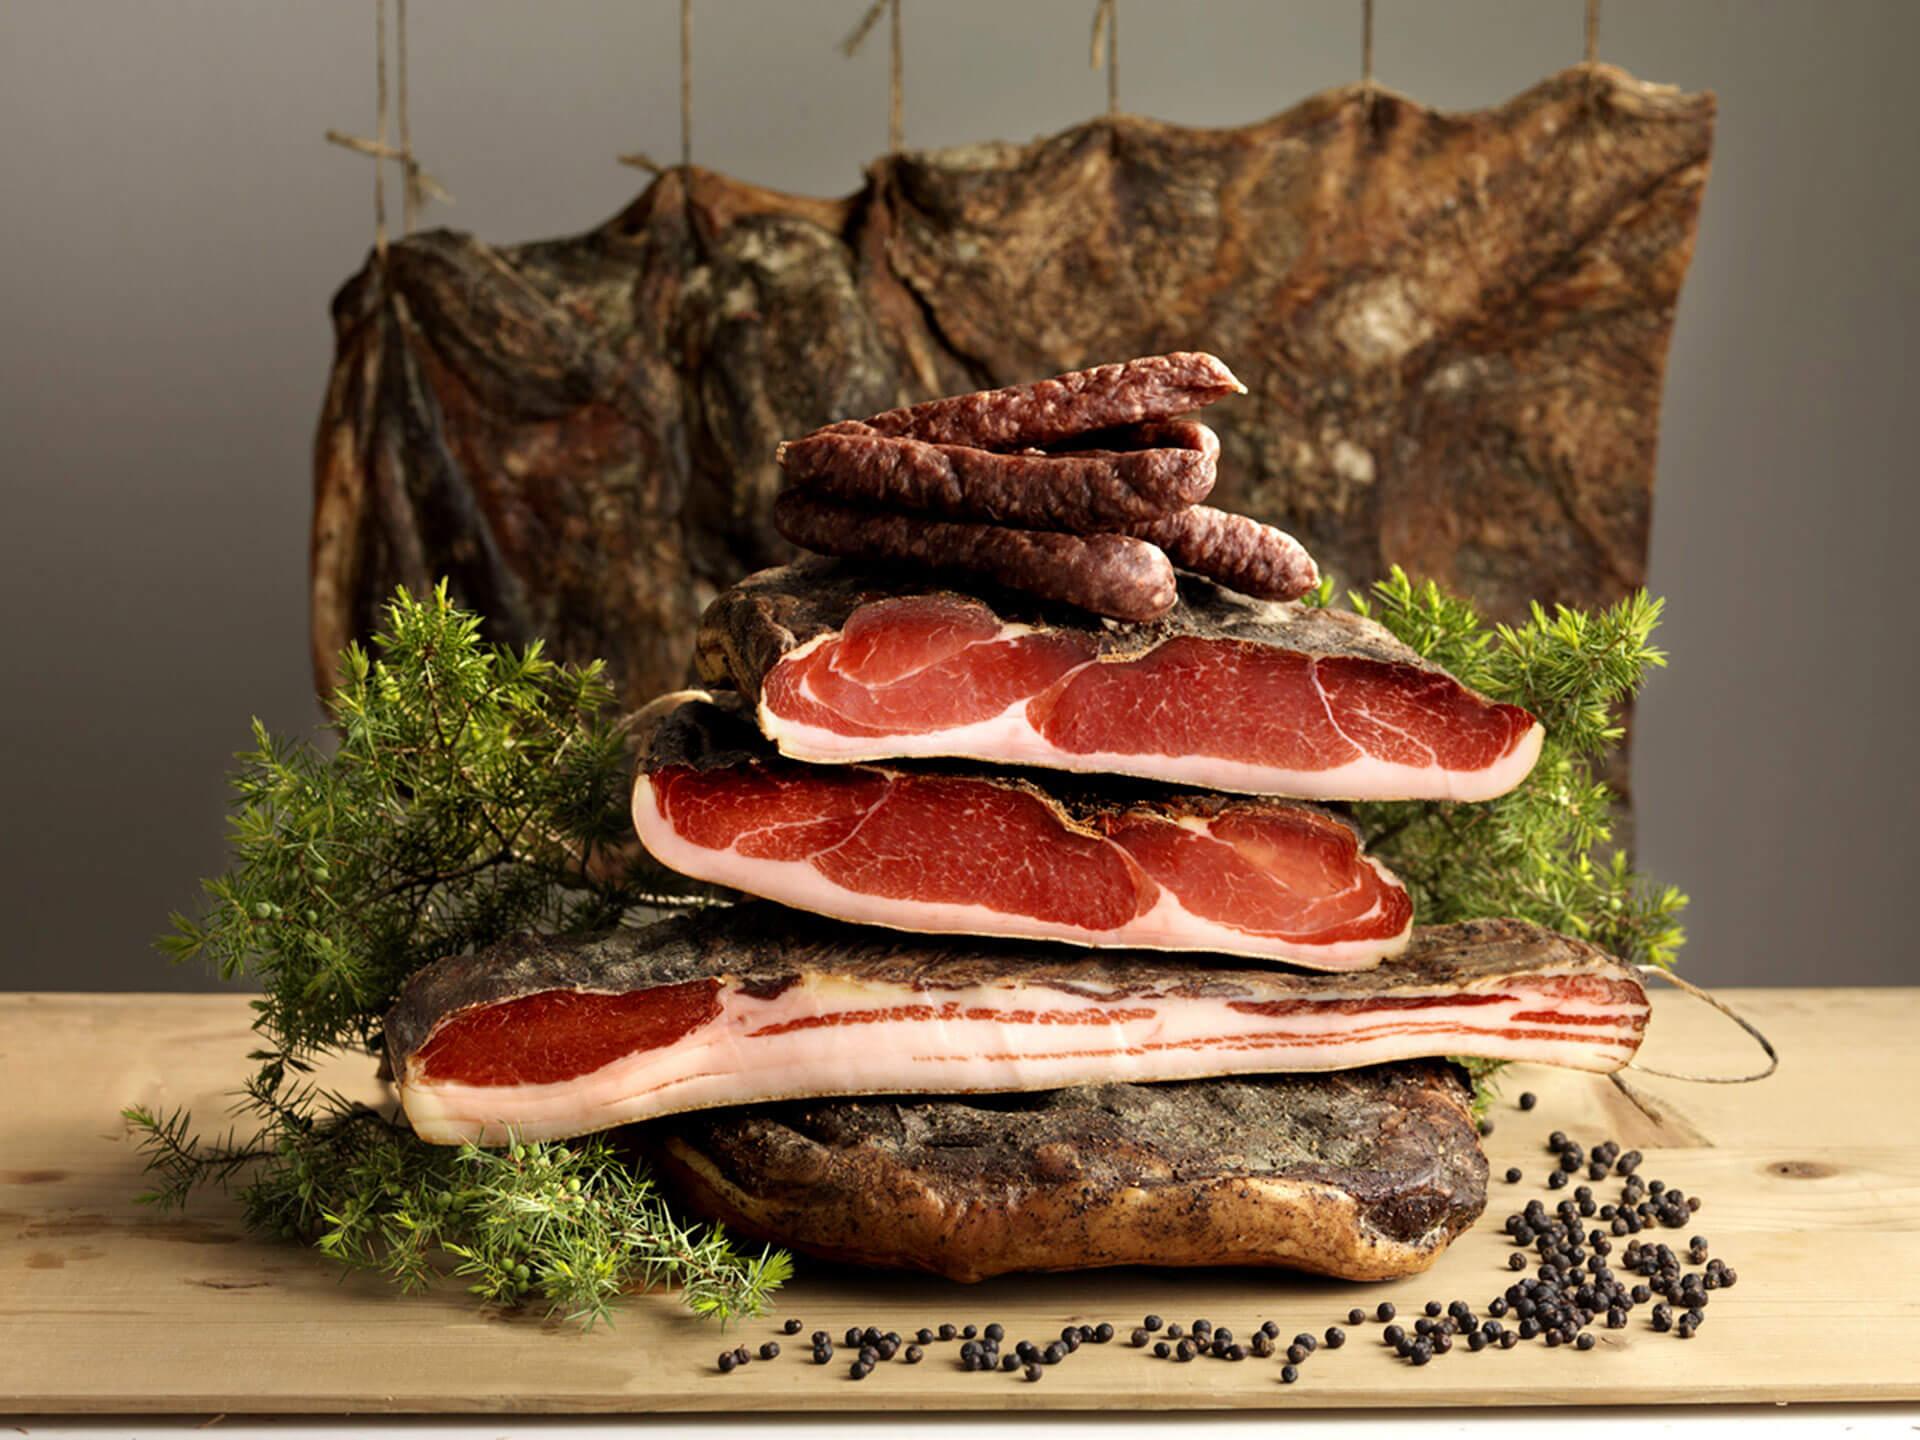 Südtiroler Speck nach traditioneller Herstellung